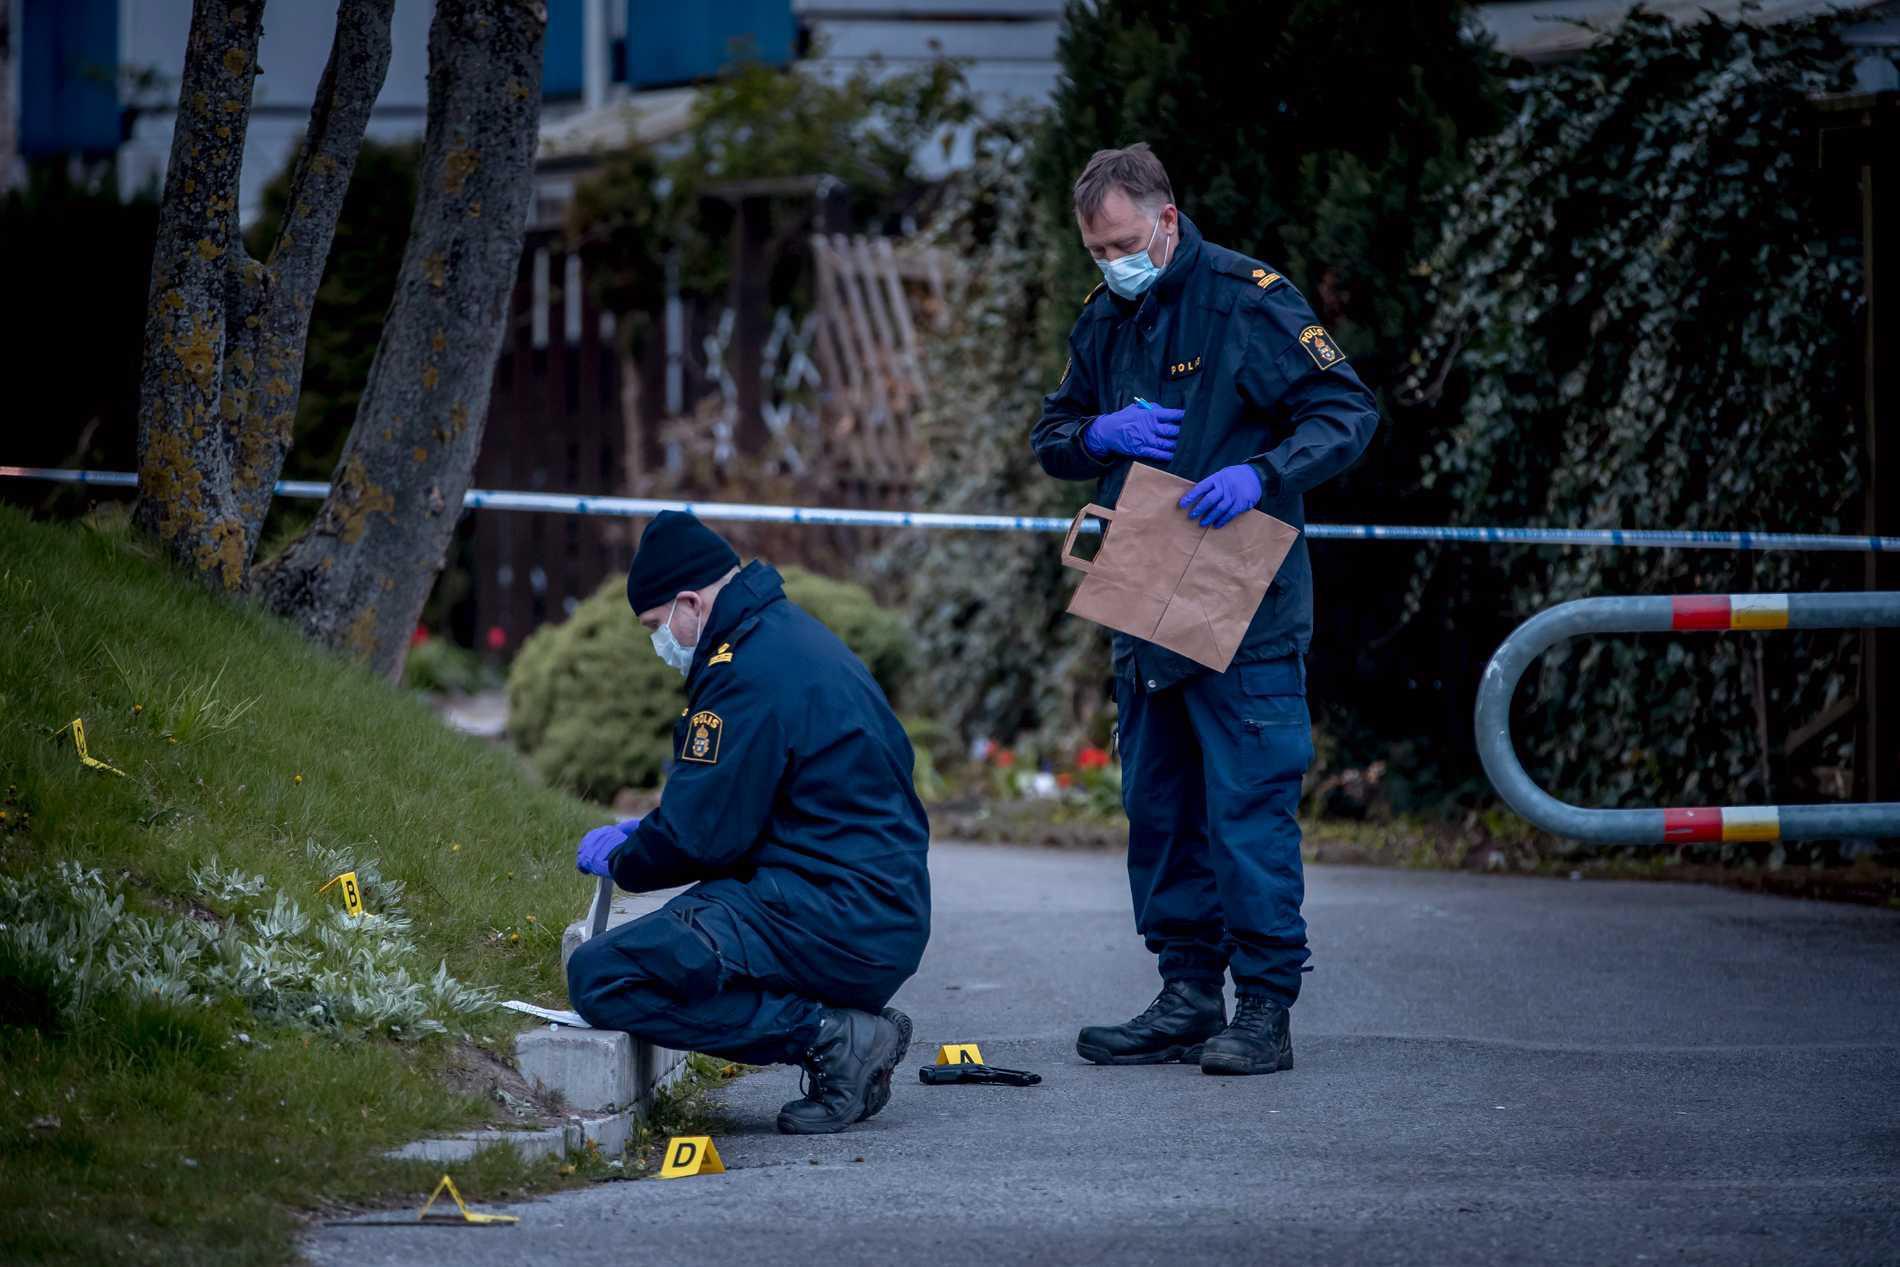 Polis säkrar spår utanför källaren där kvinnan våldtogs.